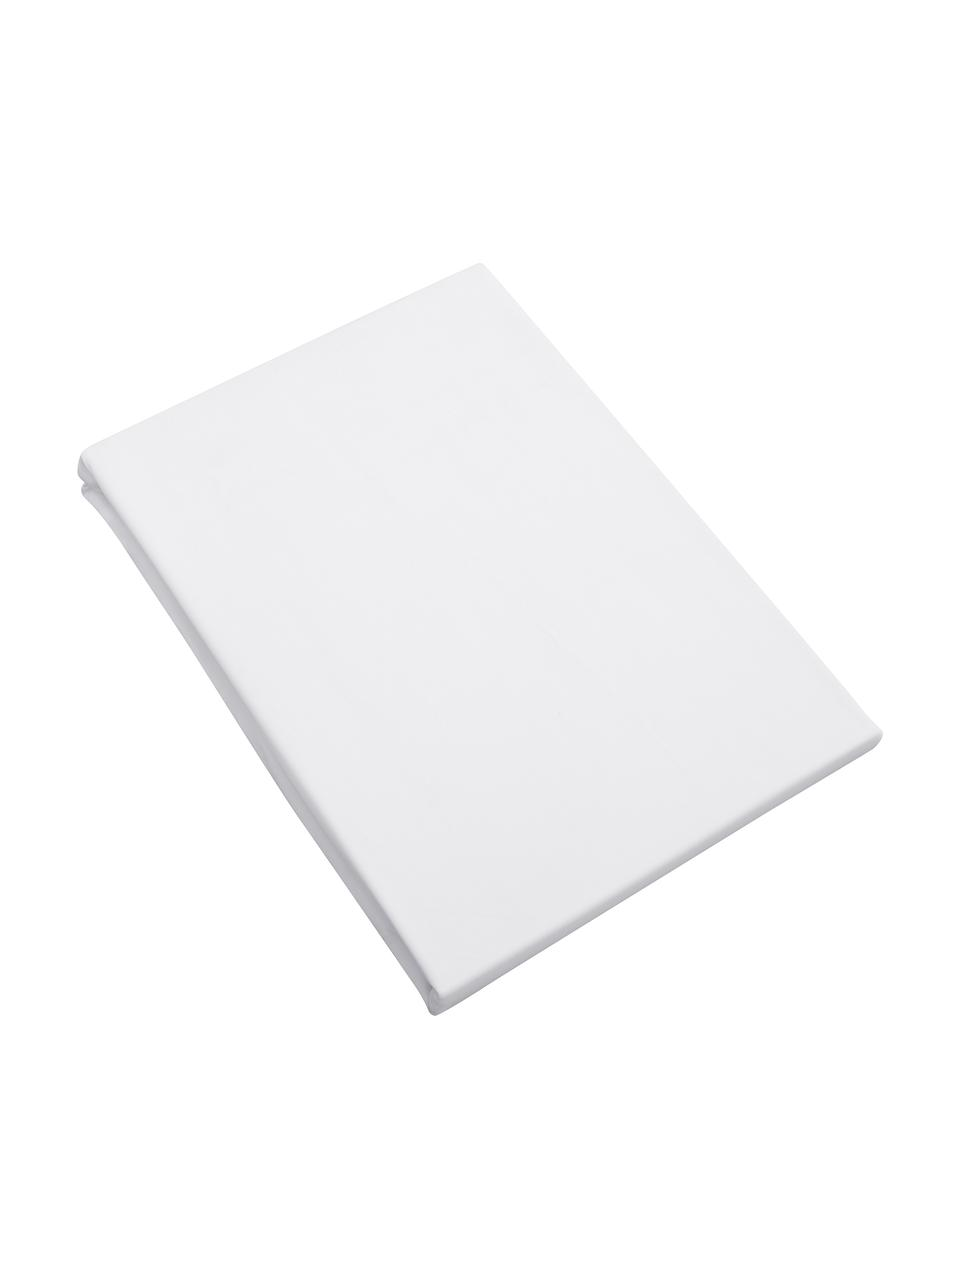 Spannbettlaken Premium in Weiß, Baumwollsatin, Webart: Satin, leicht glänzend, Weiß, 180 x 200 cm